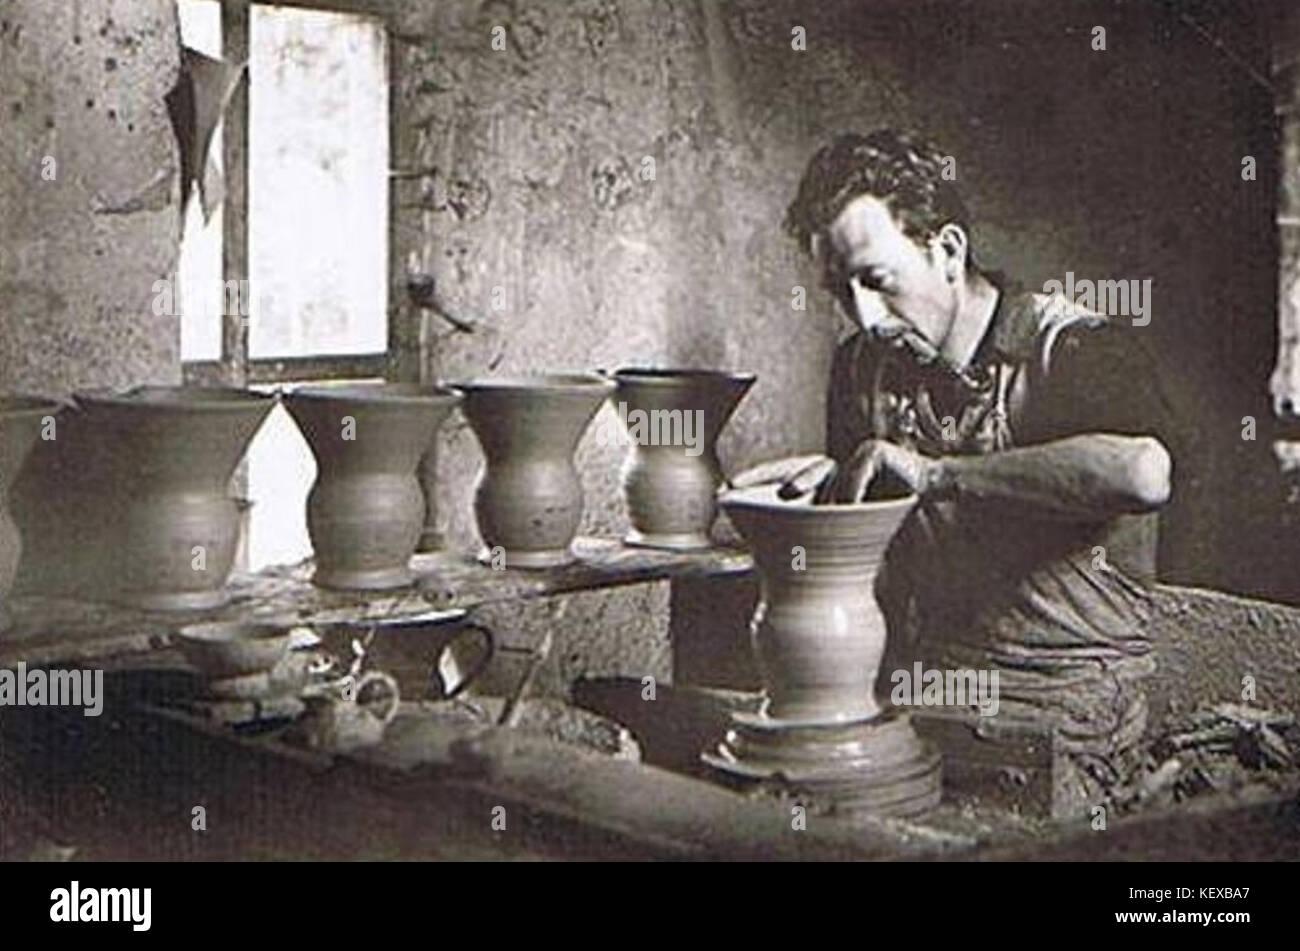 Dieulefit stock photos dieulefit stock images alamy - Fabriquer un tour de potier ...